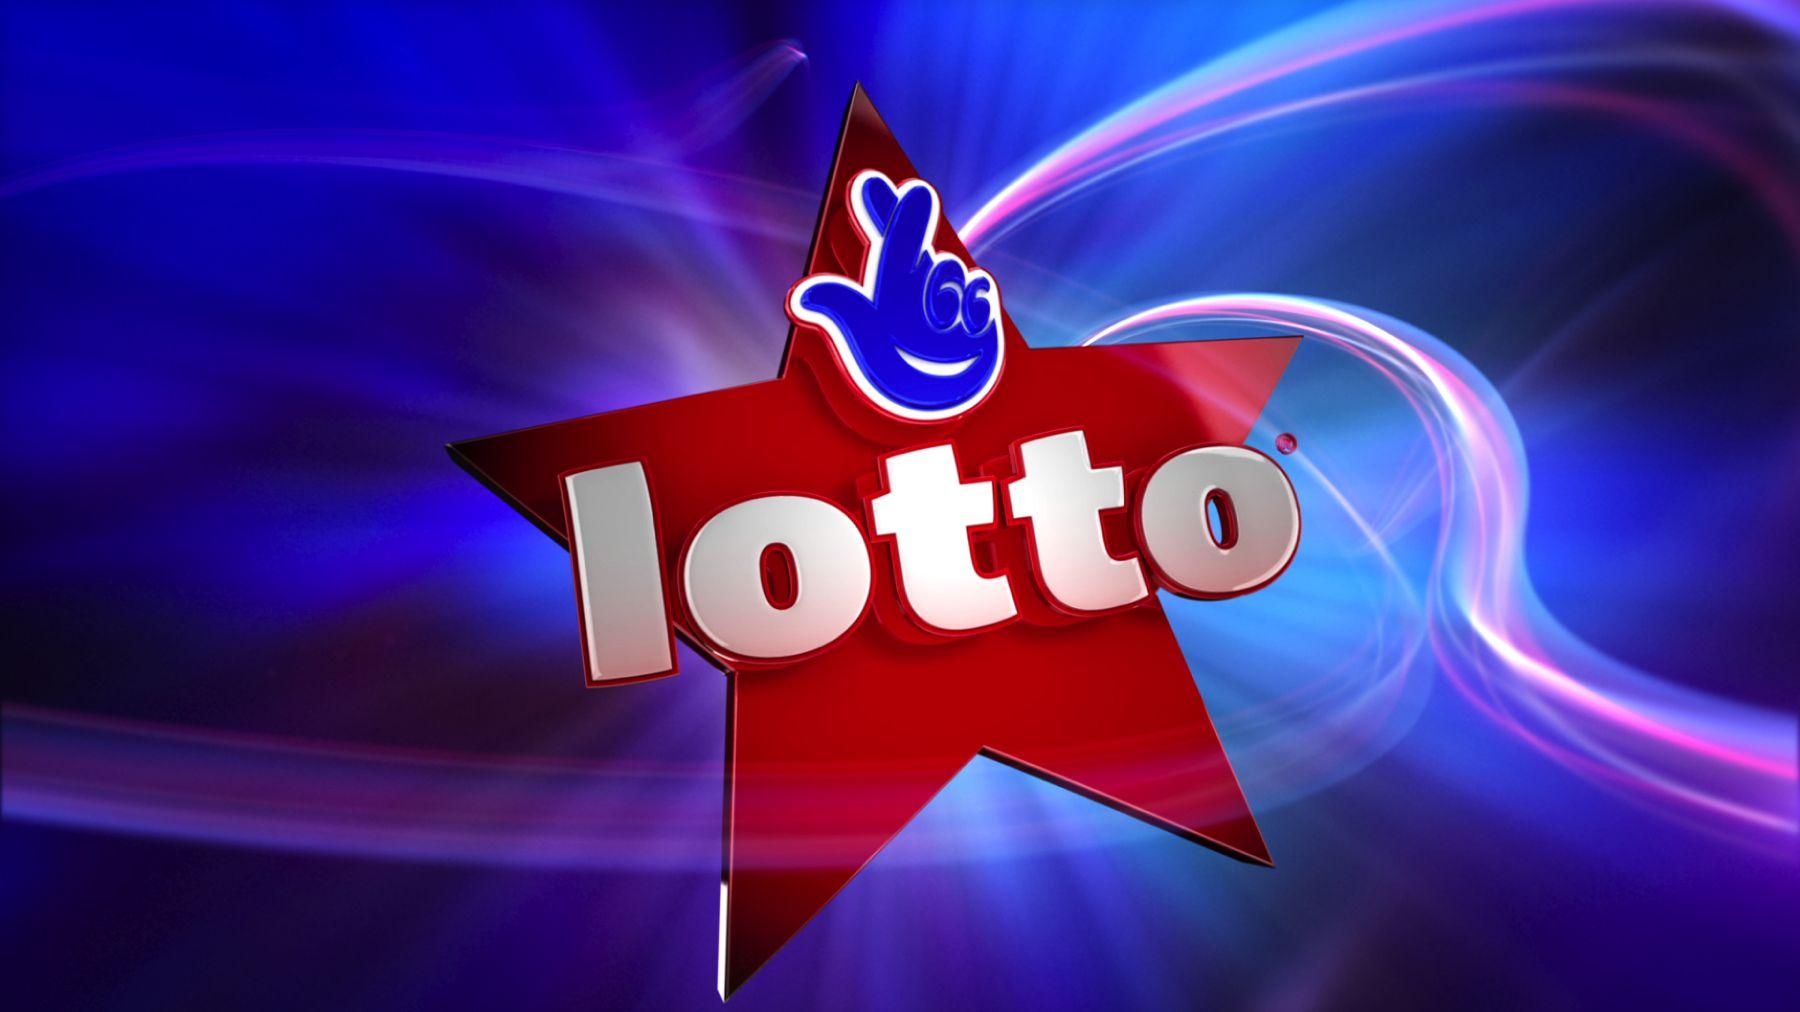 uk lotto facebook prediction